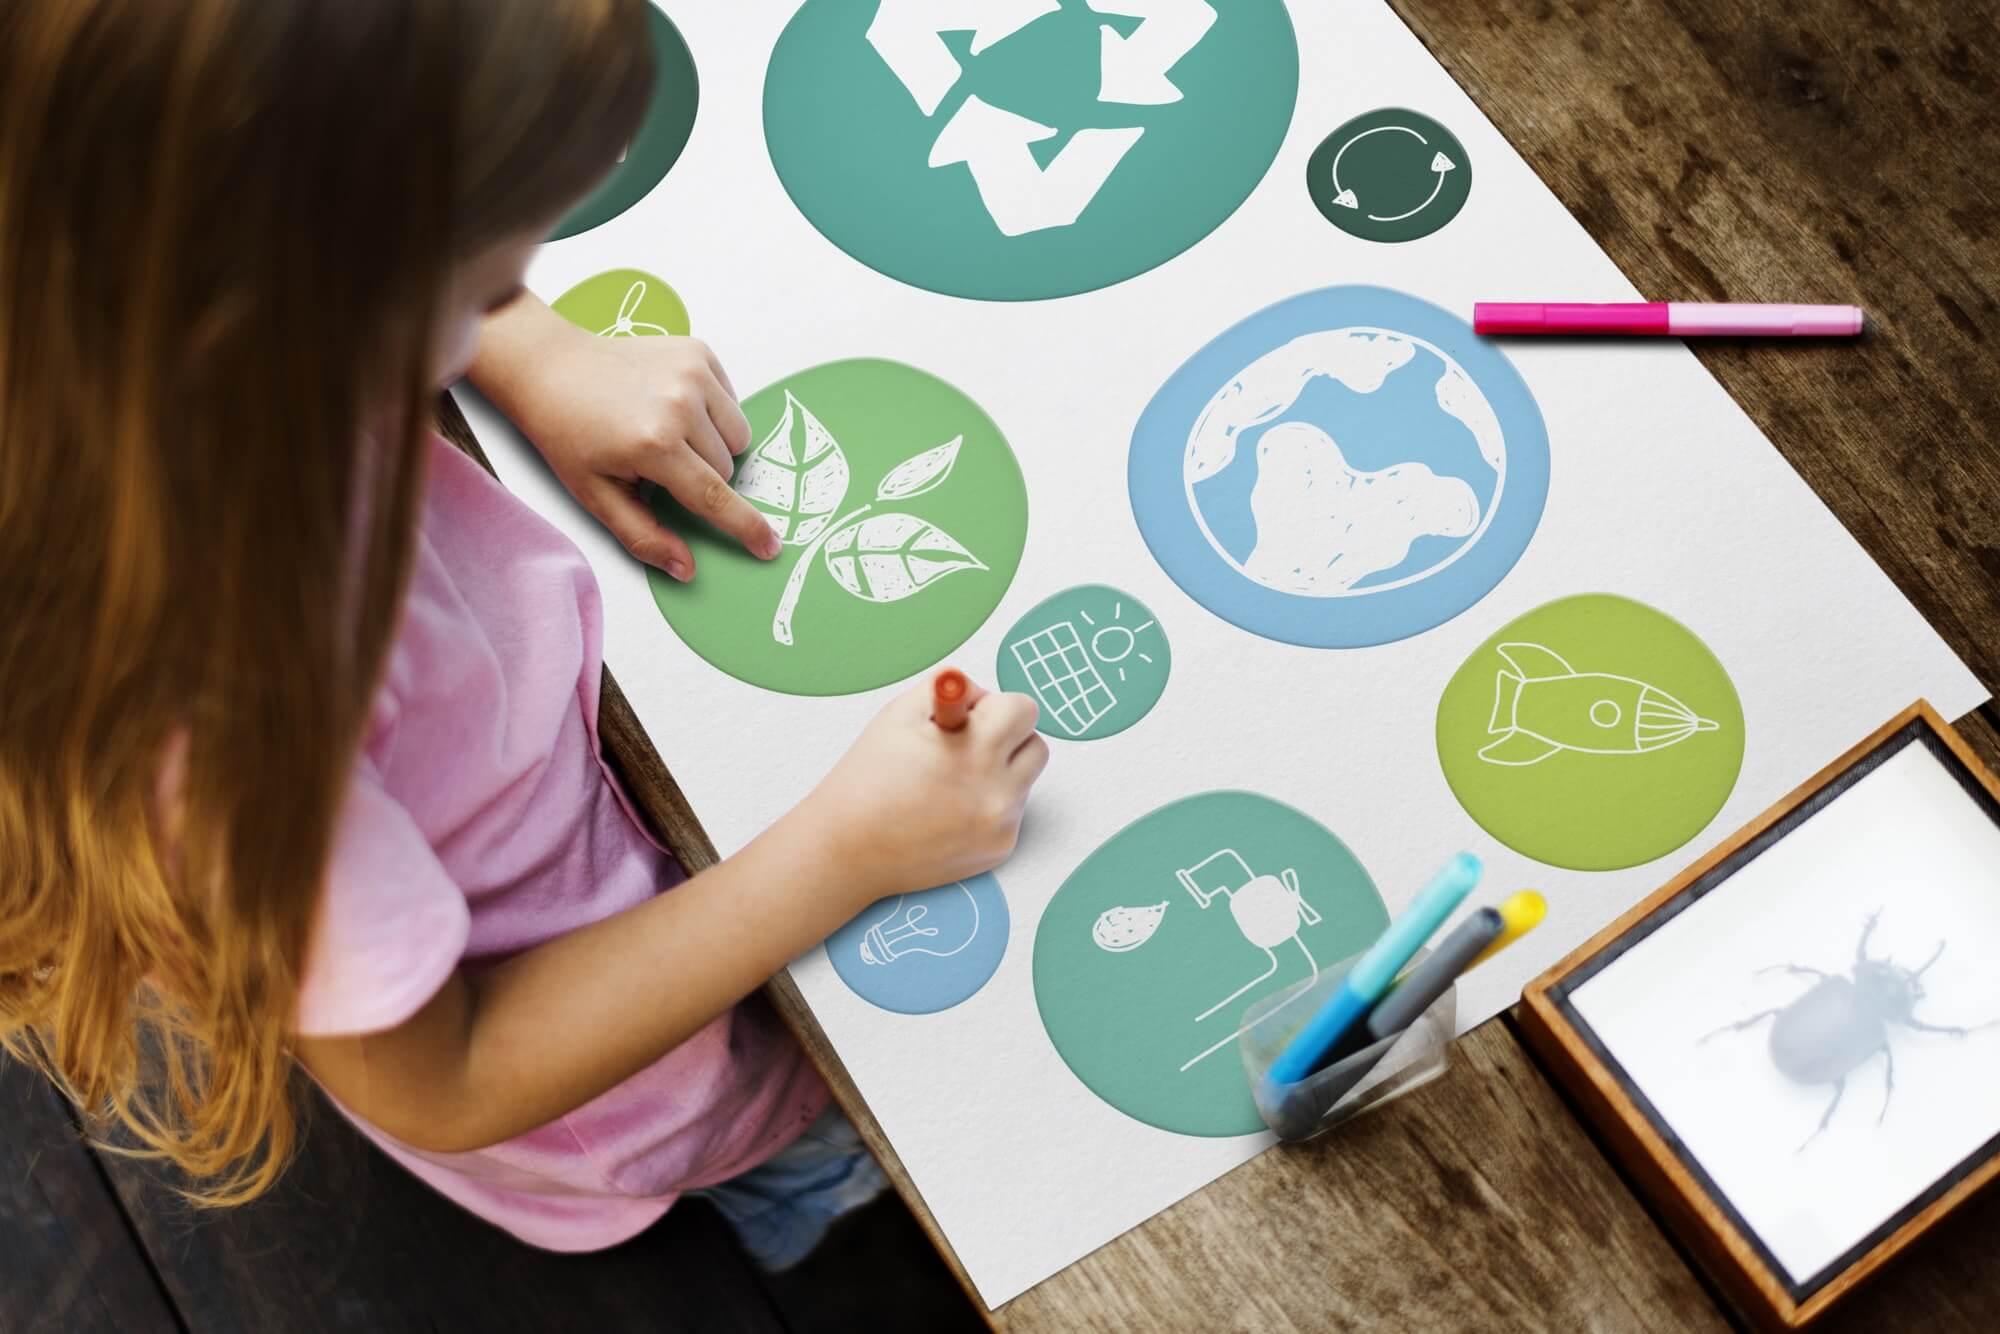 【アースデイ】改めて認識したい、印刷会社としての地球のための取り組み